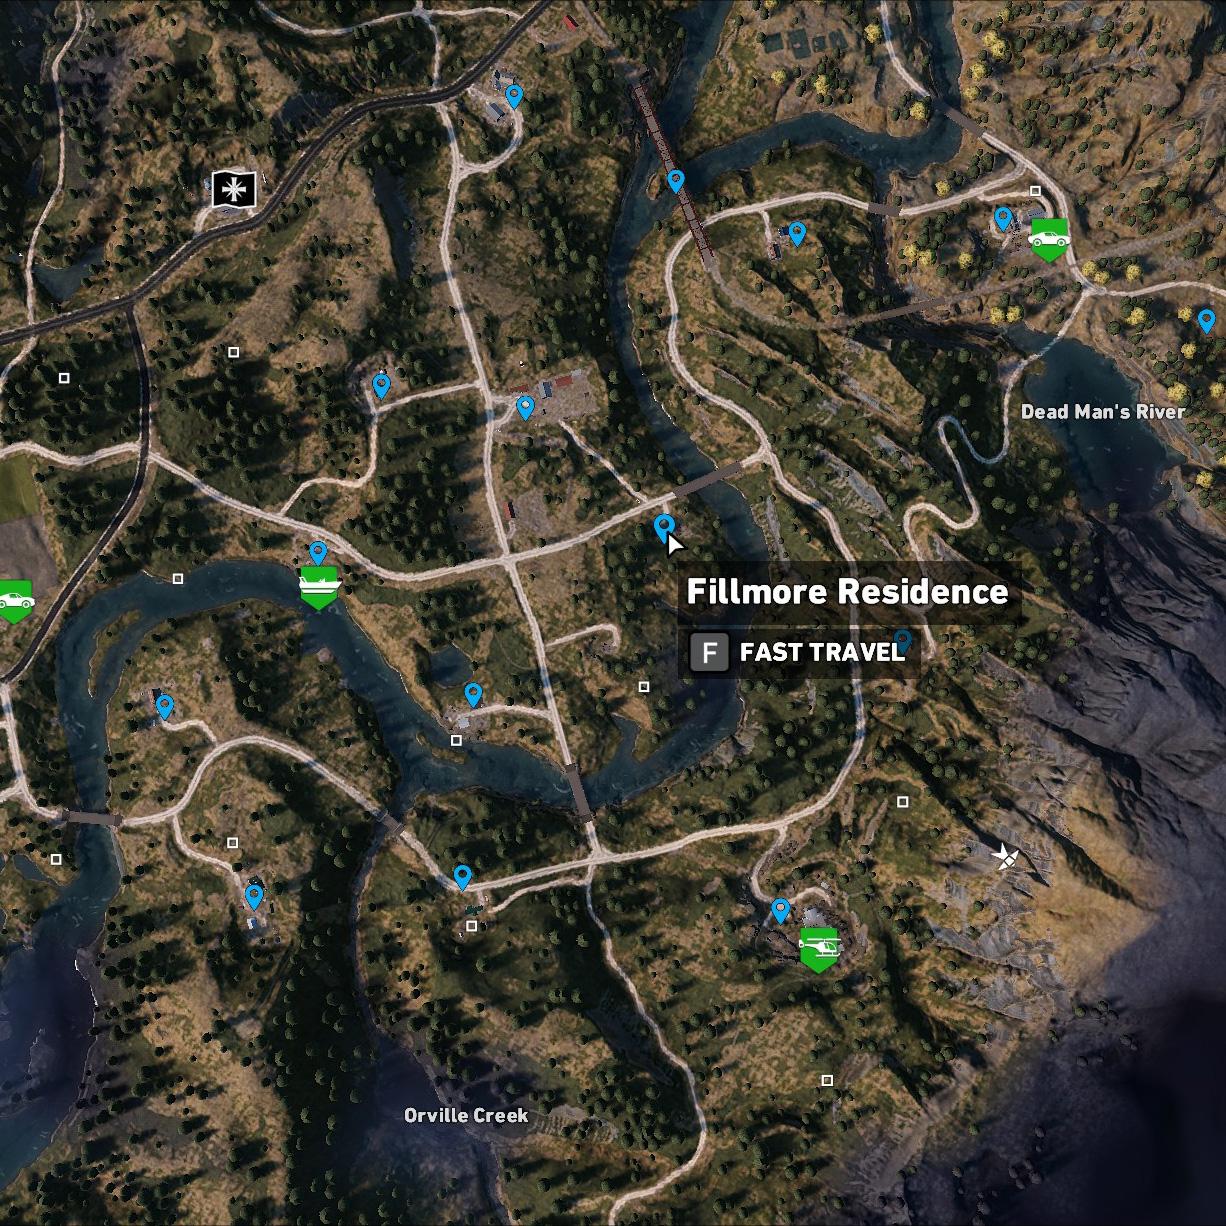 Fillmore Residence